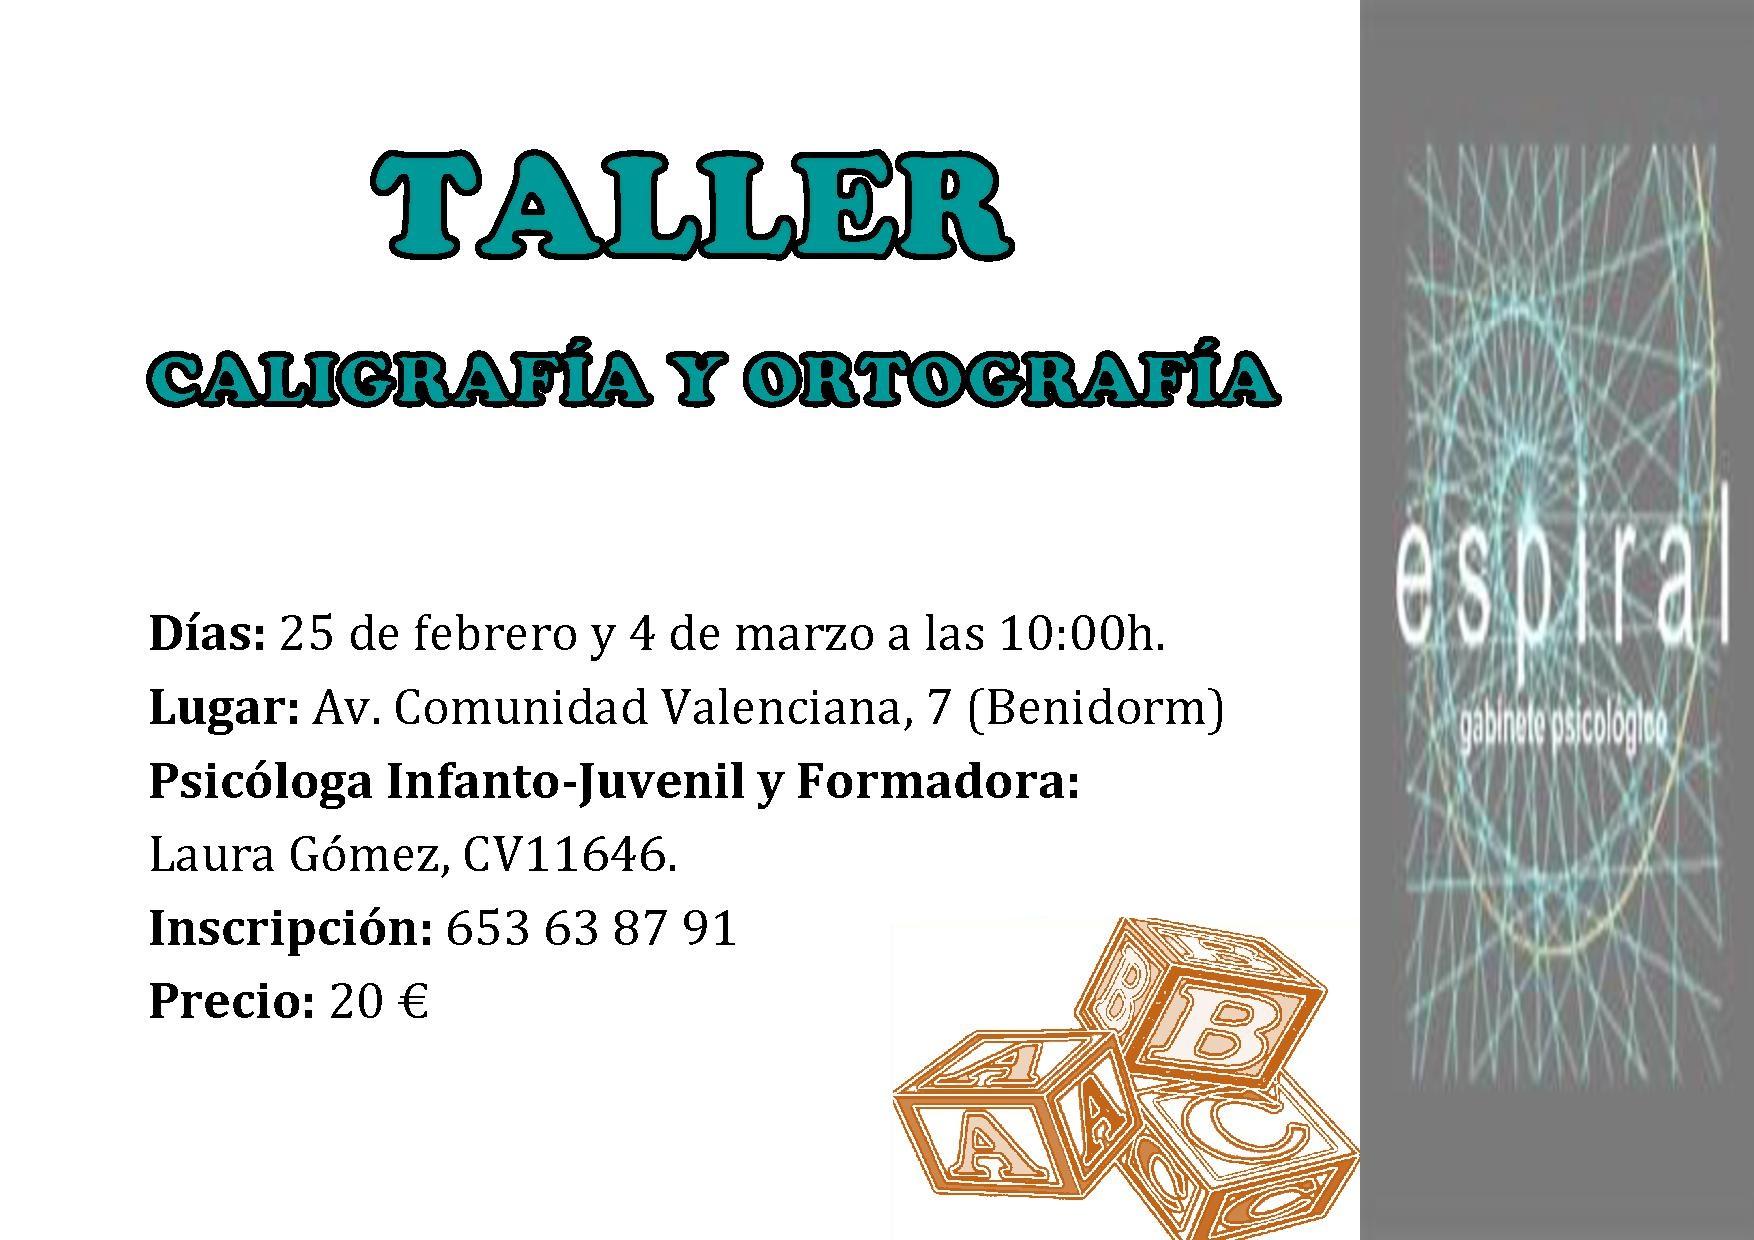 TALLER_CALIGRAFIAYORTOGRAFIA_ESPIRAL